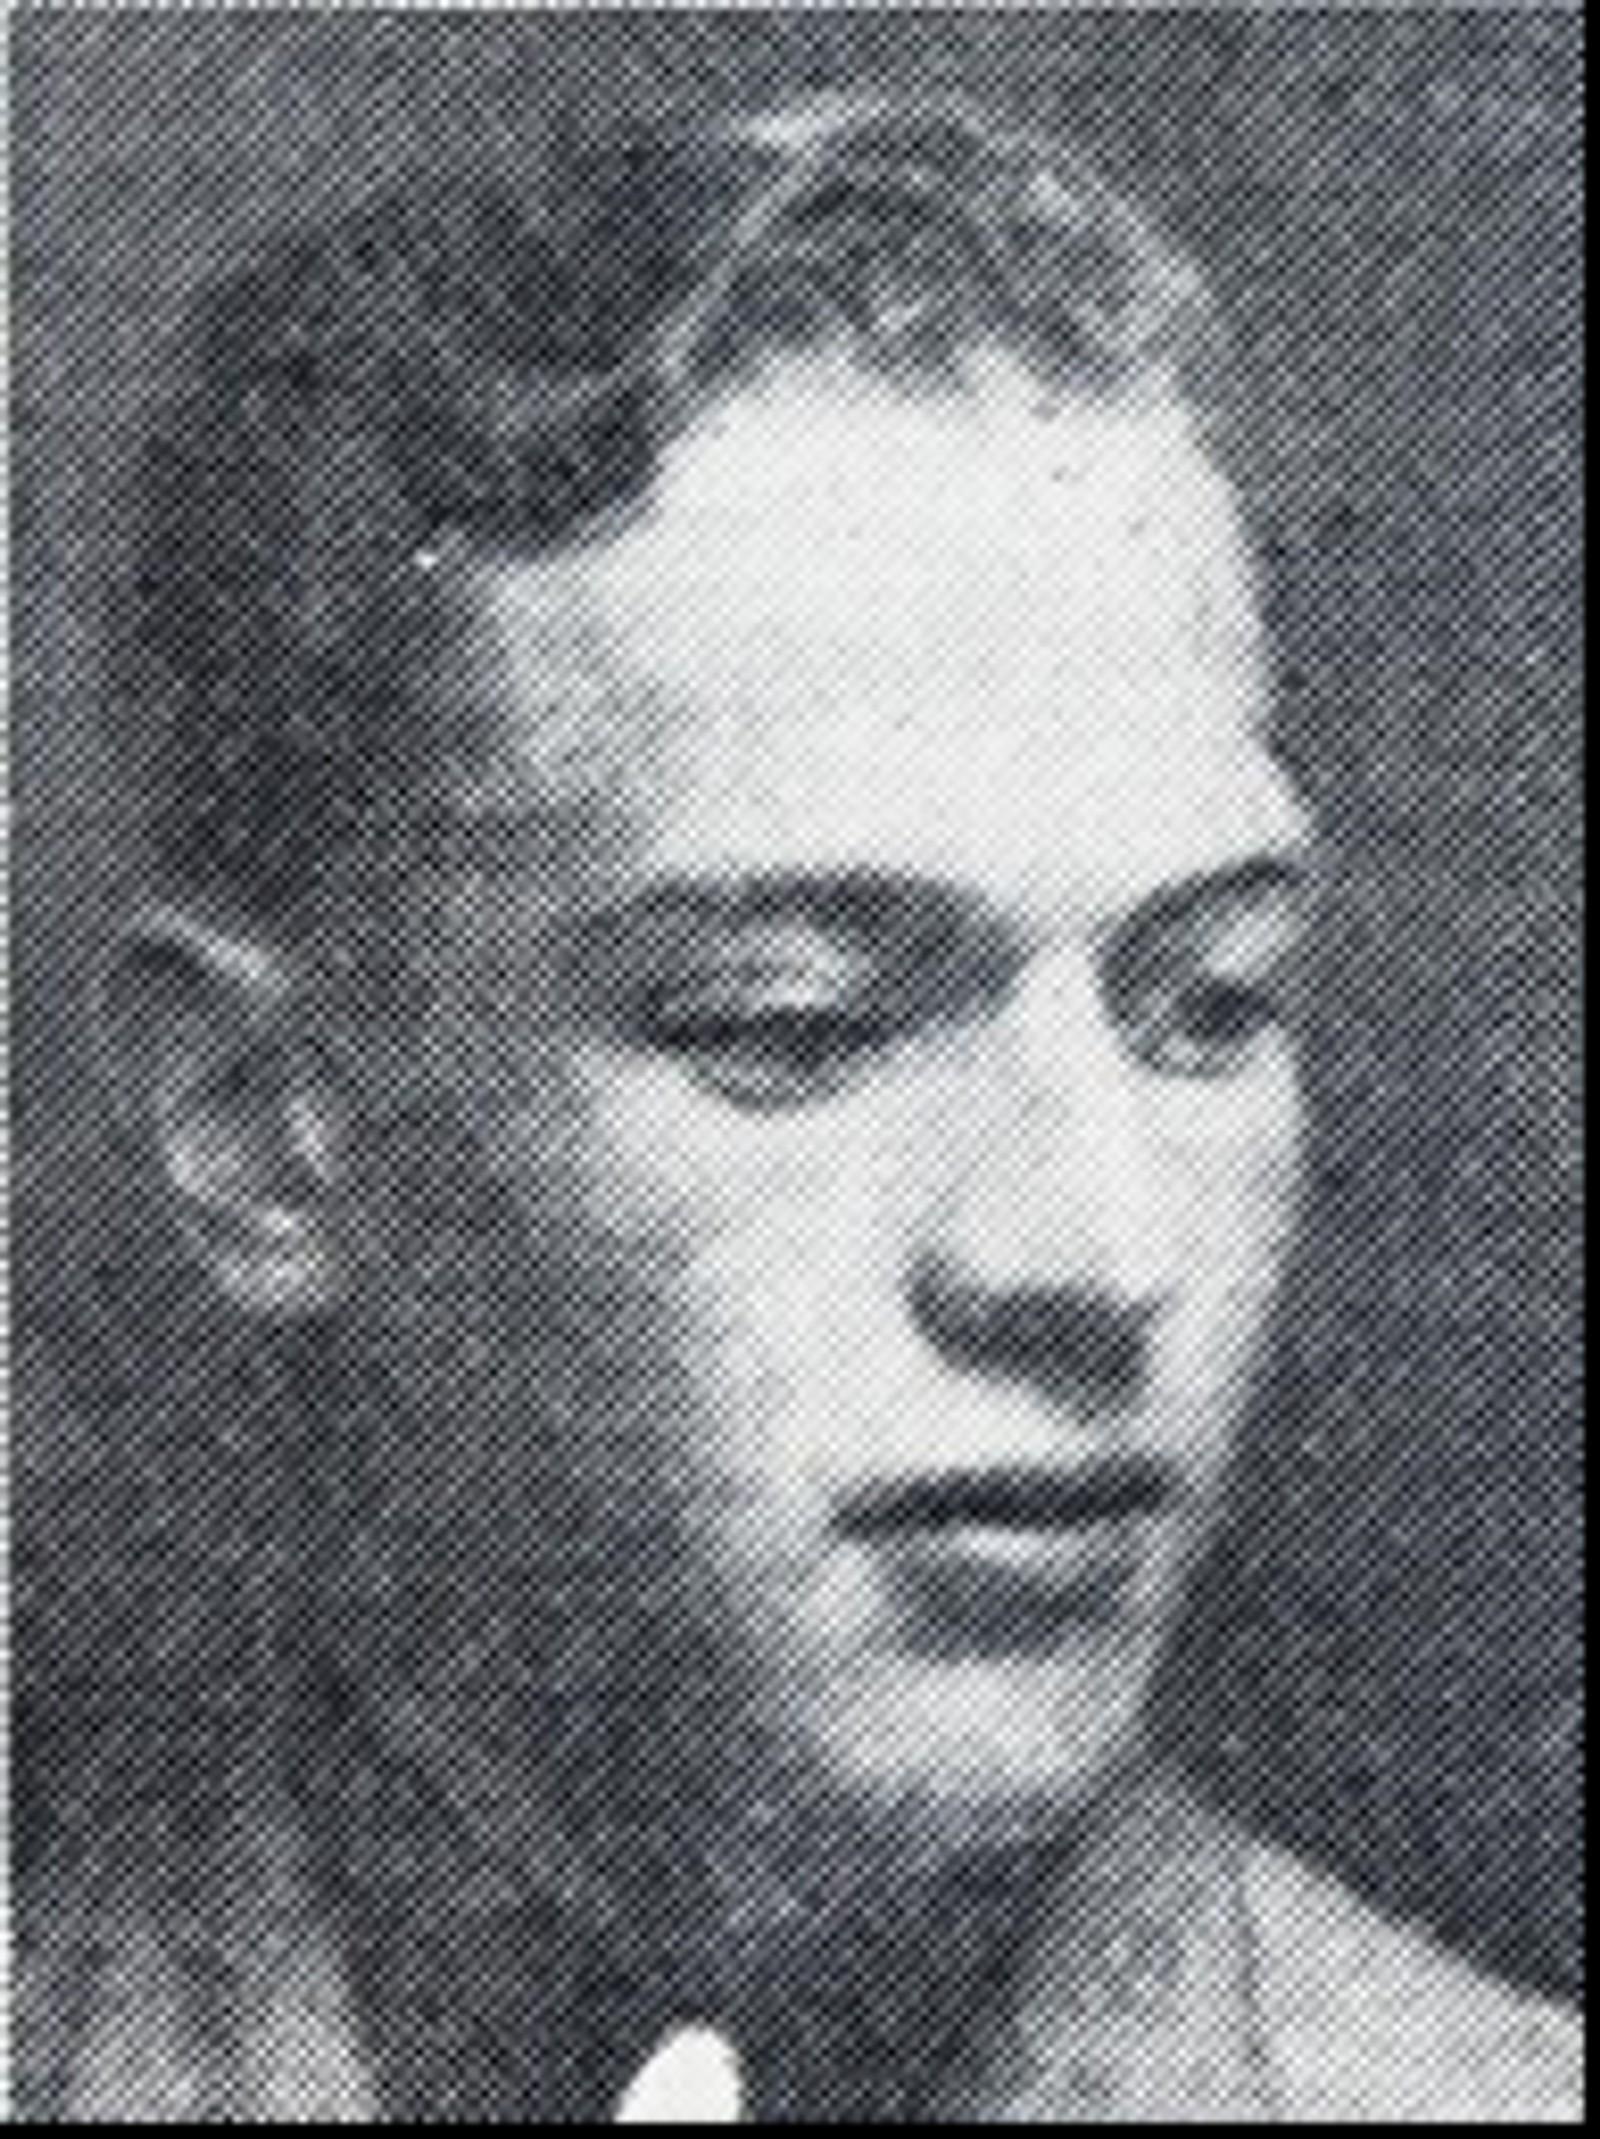 Holger Odvar Skogvold: Soldat, bodde i Oslo. Var soldat på Oscarsborg festning da Norge ble med i krigen. Ble tatt til fange av tyskerne, men klarte å flykte til Elverum. var med i kampene og falt 11.april i Elverum.